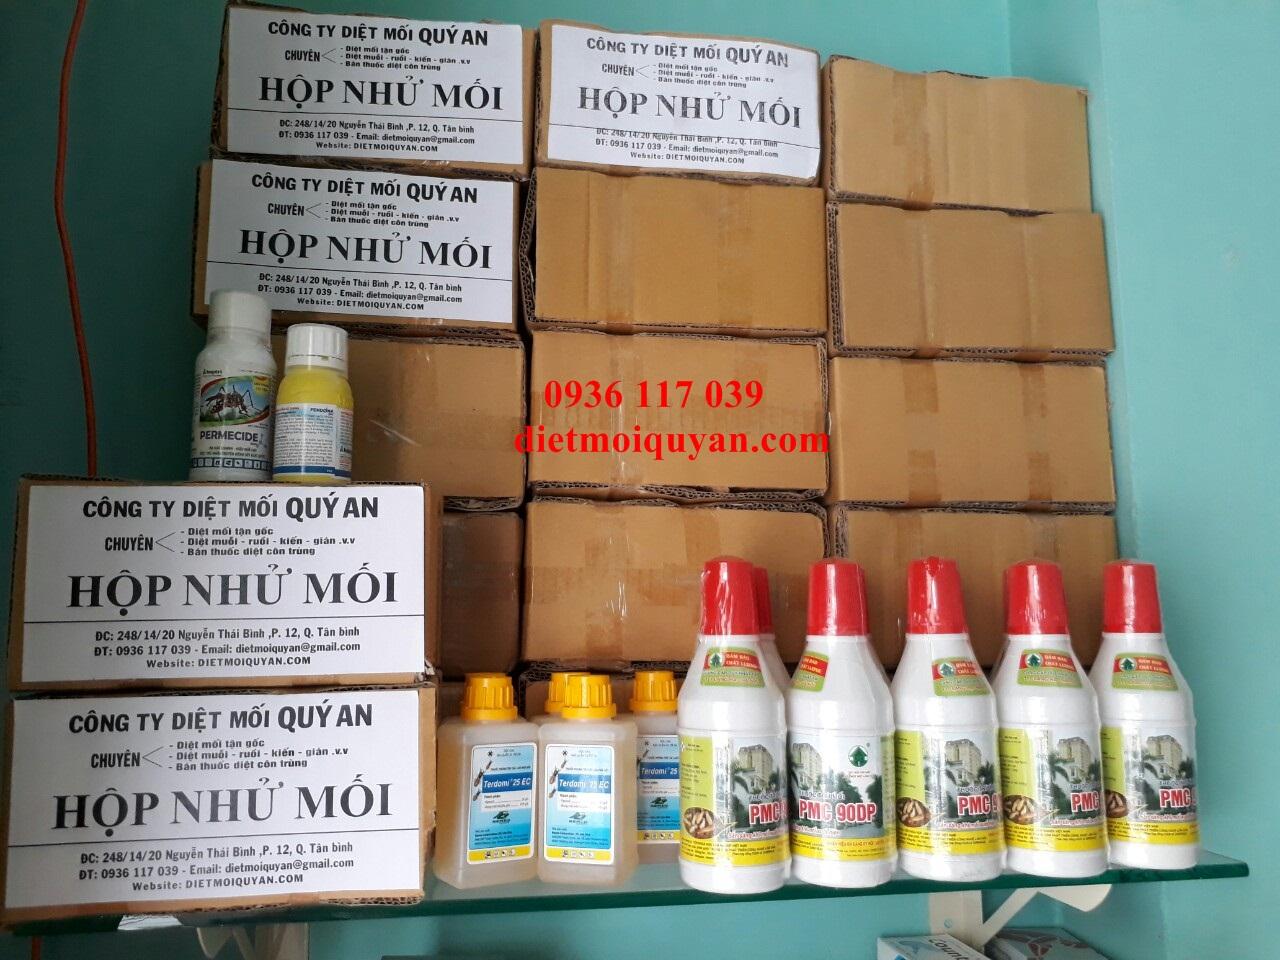 Cửa hàng bán thuốc diệt mối ở quận Tân bình TP.HCM